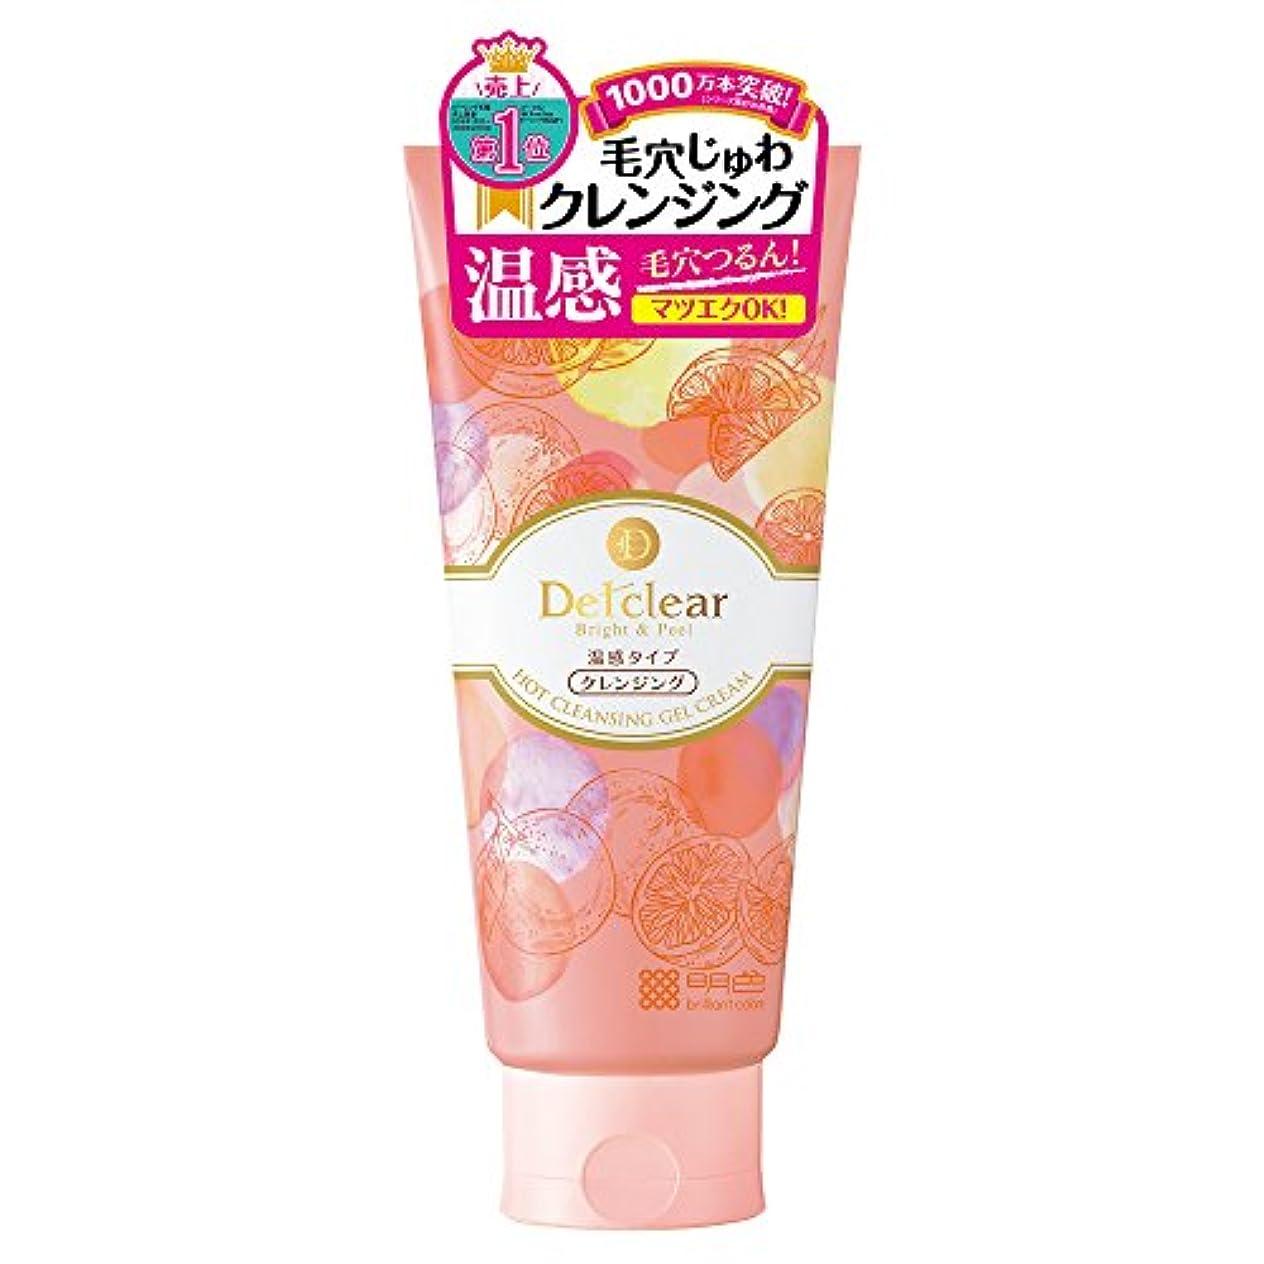 開業医飾るパッドDETクリア ブライト&ピール ホットクレンジング ジェルクリーム 200g (日本製) ベルガモットオレンジの香り